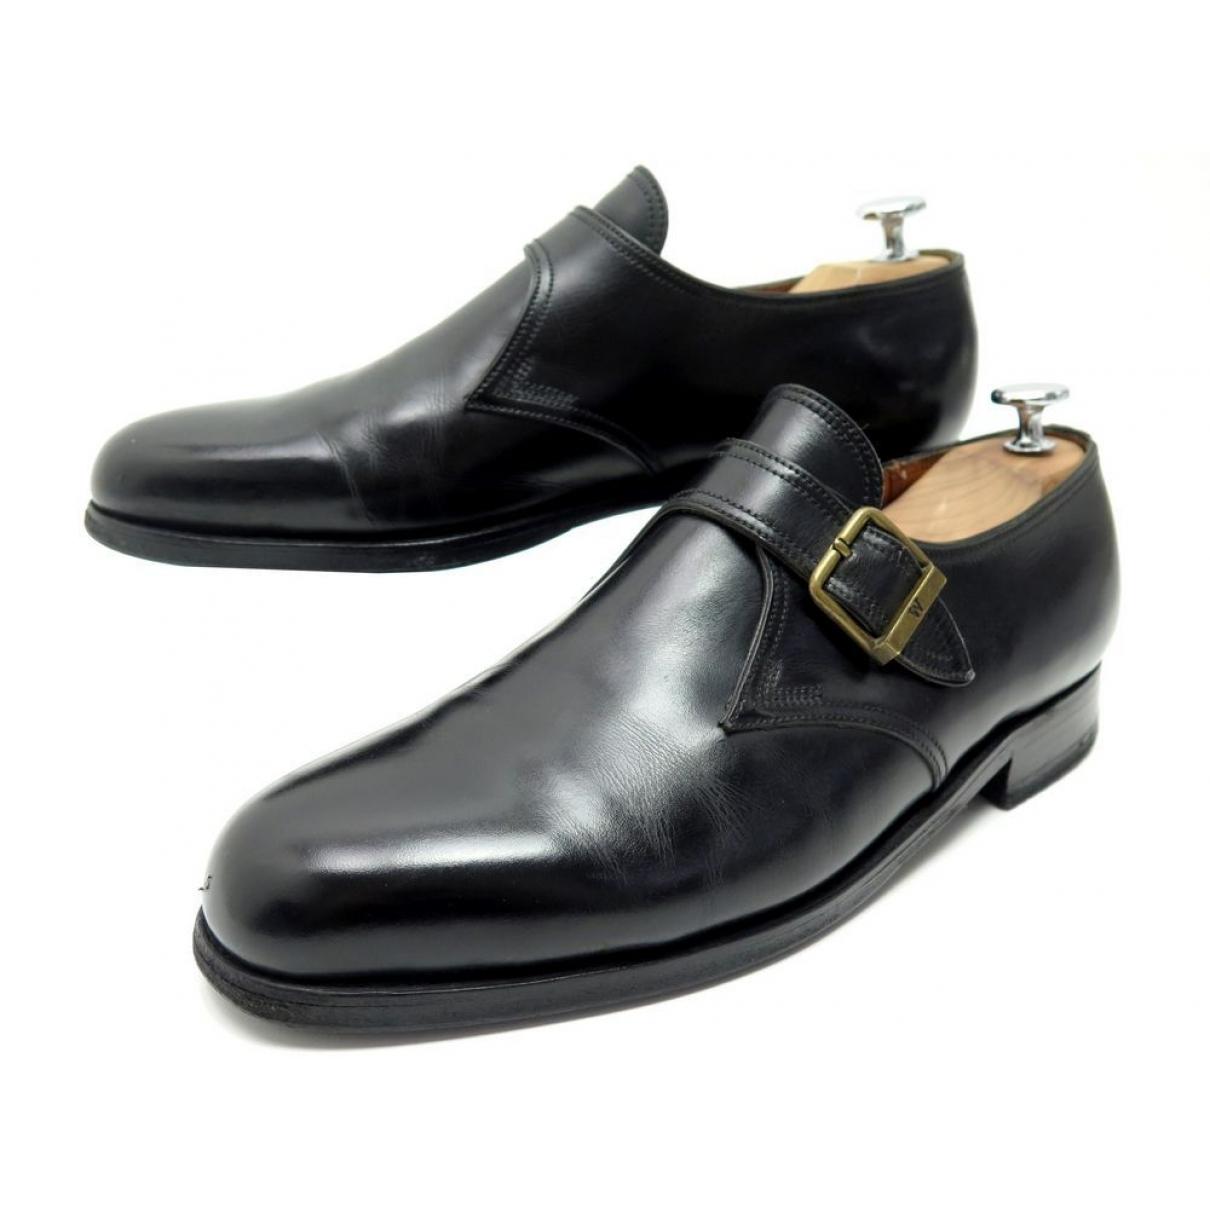 Jm Weston - Mocassins   pour homme en cuir - noir